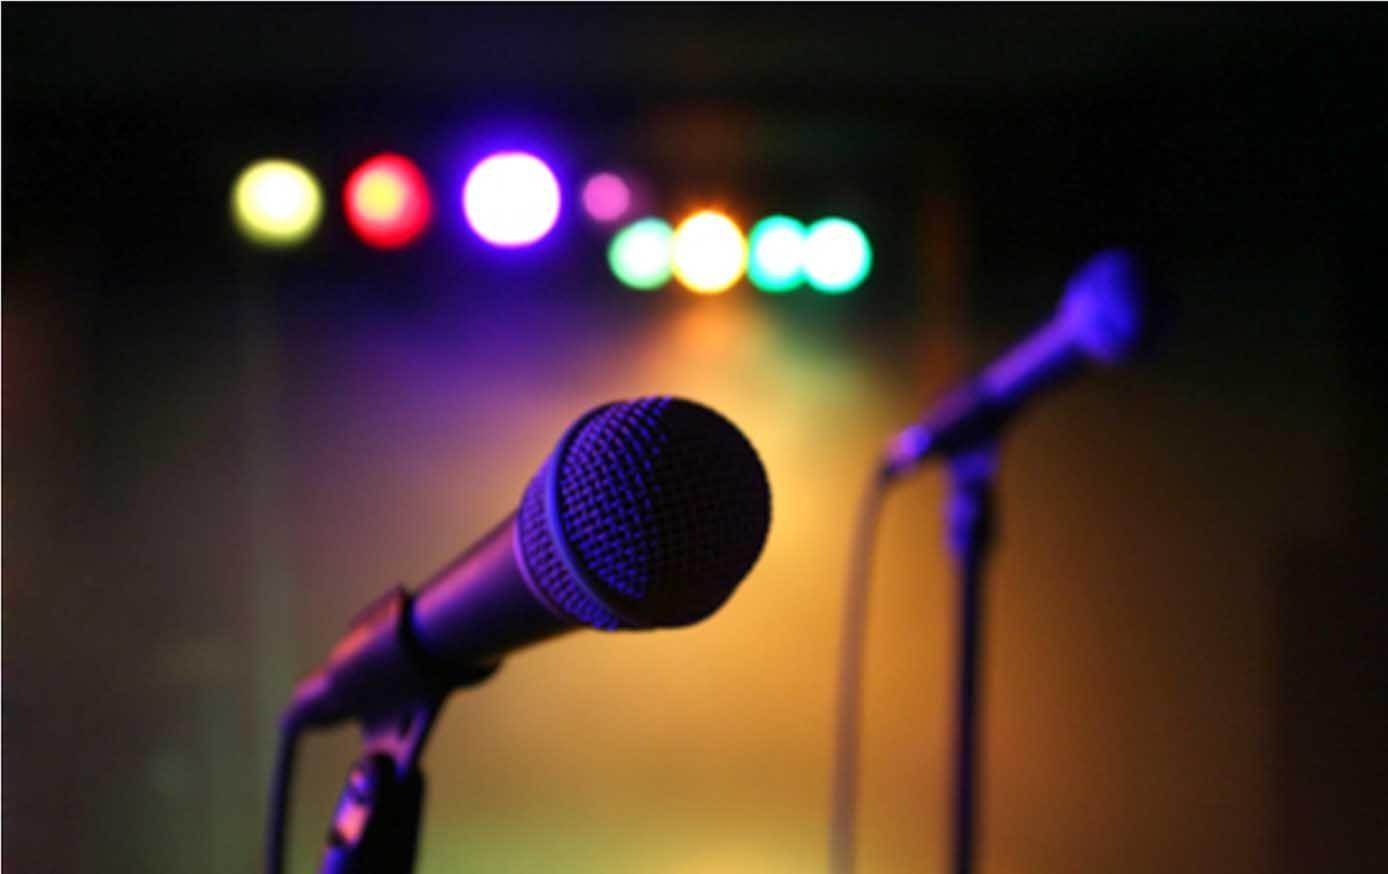 Литературно-музыкальный фестиваль «Свободный микрофон Ставрополья» пройдёт 21 мая